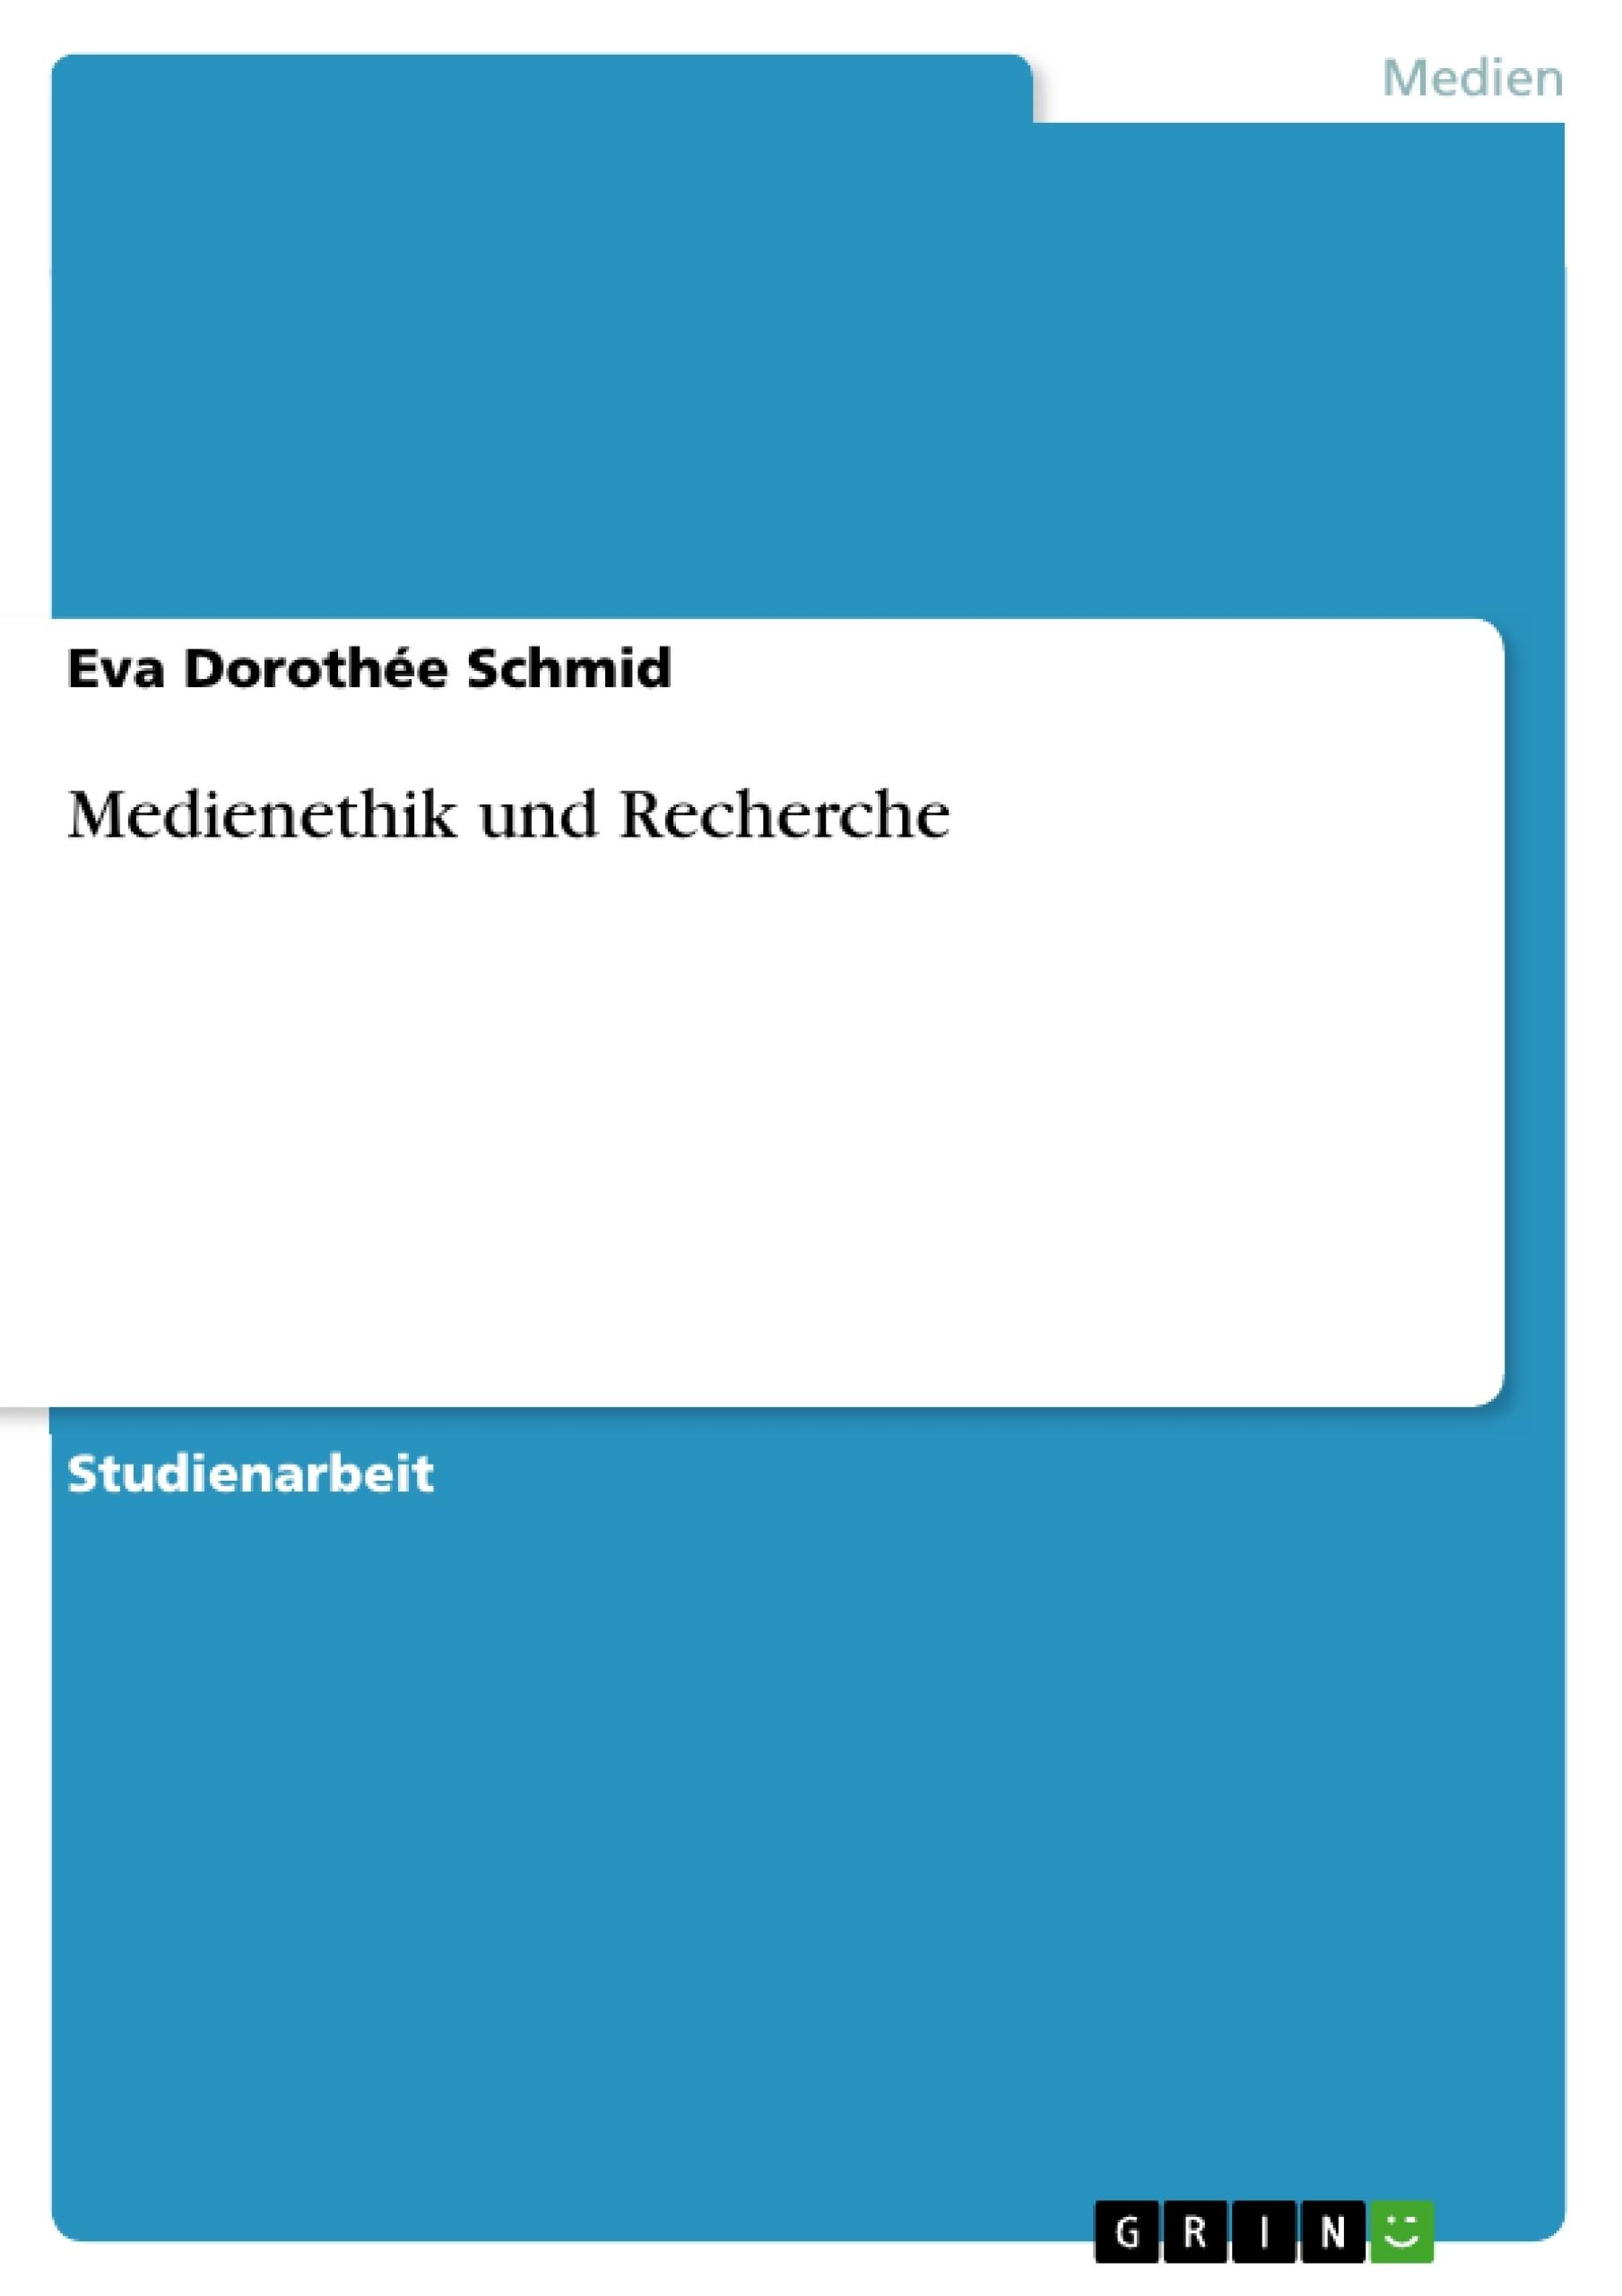 Titel: Medienethik und Recherche